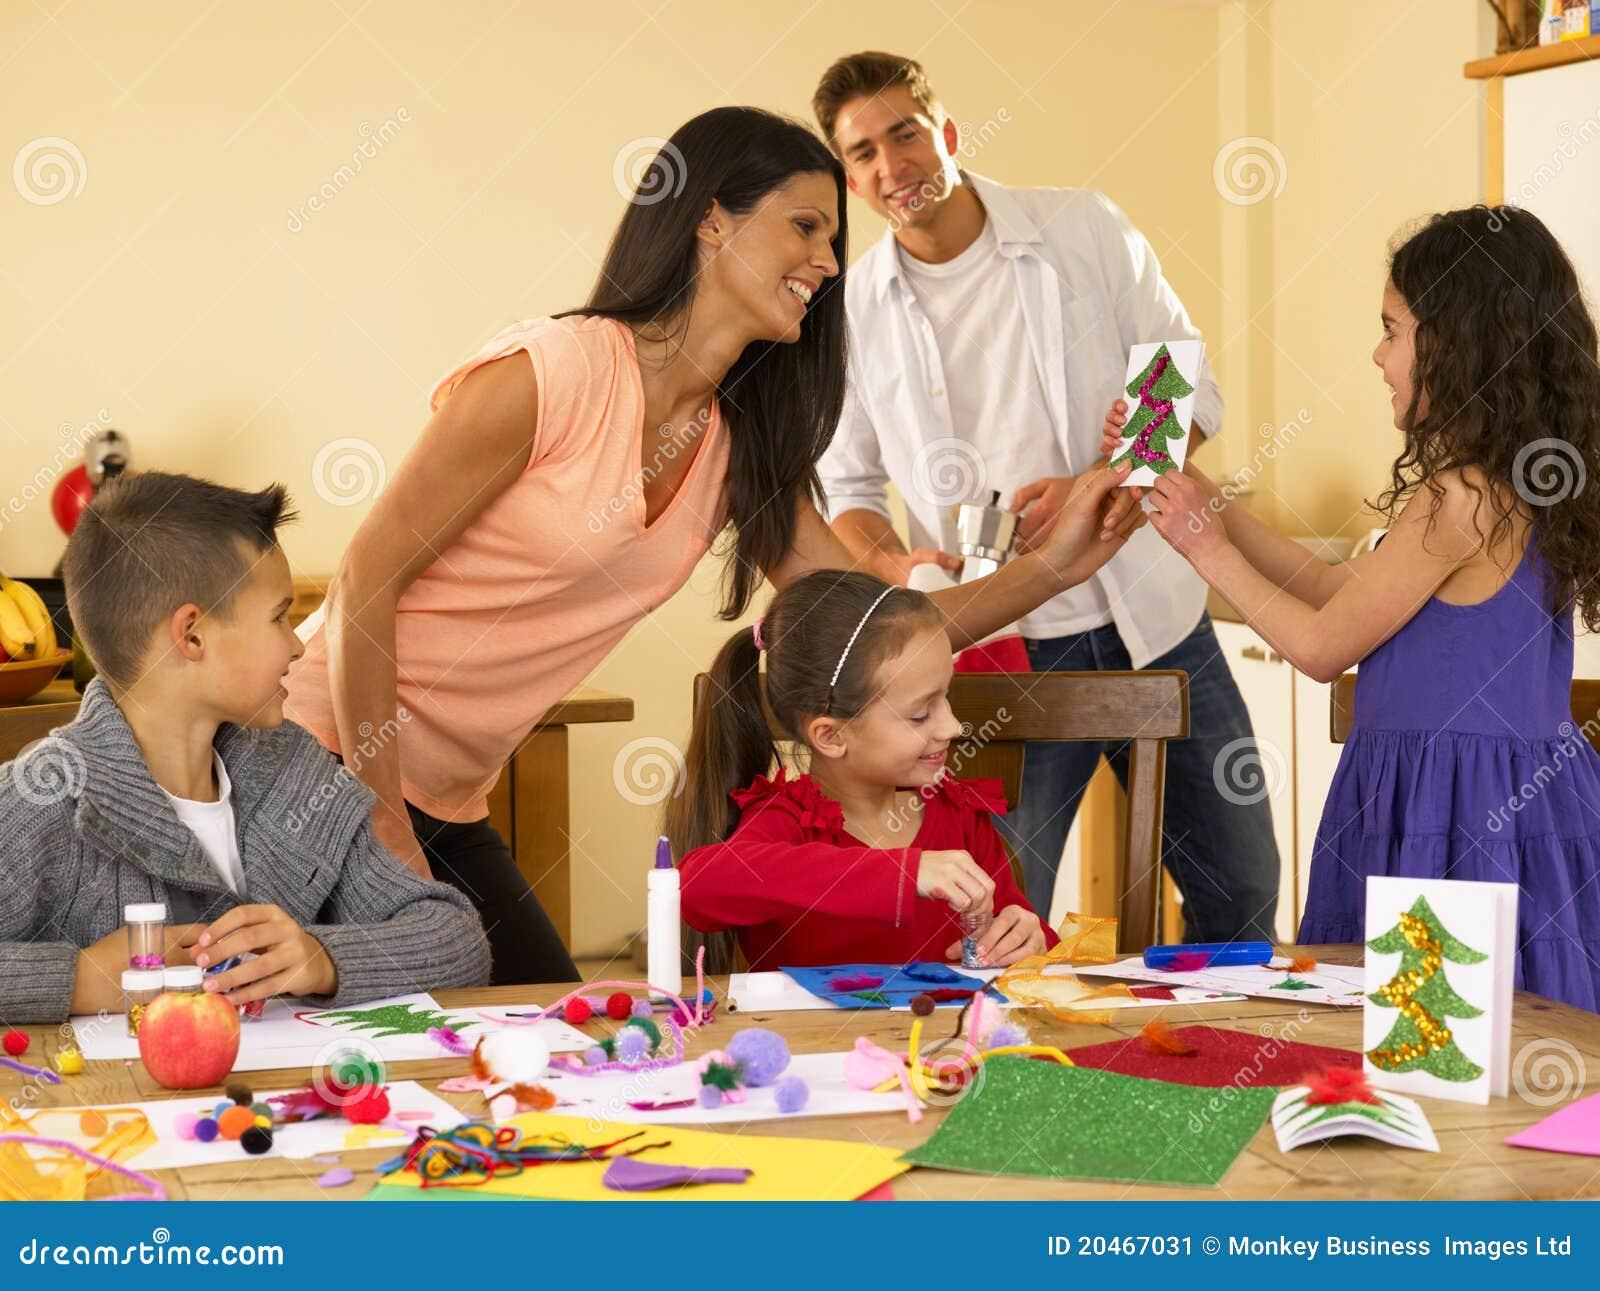 Hispanic Family Making Christmas Cards Stock Image Image